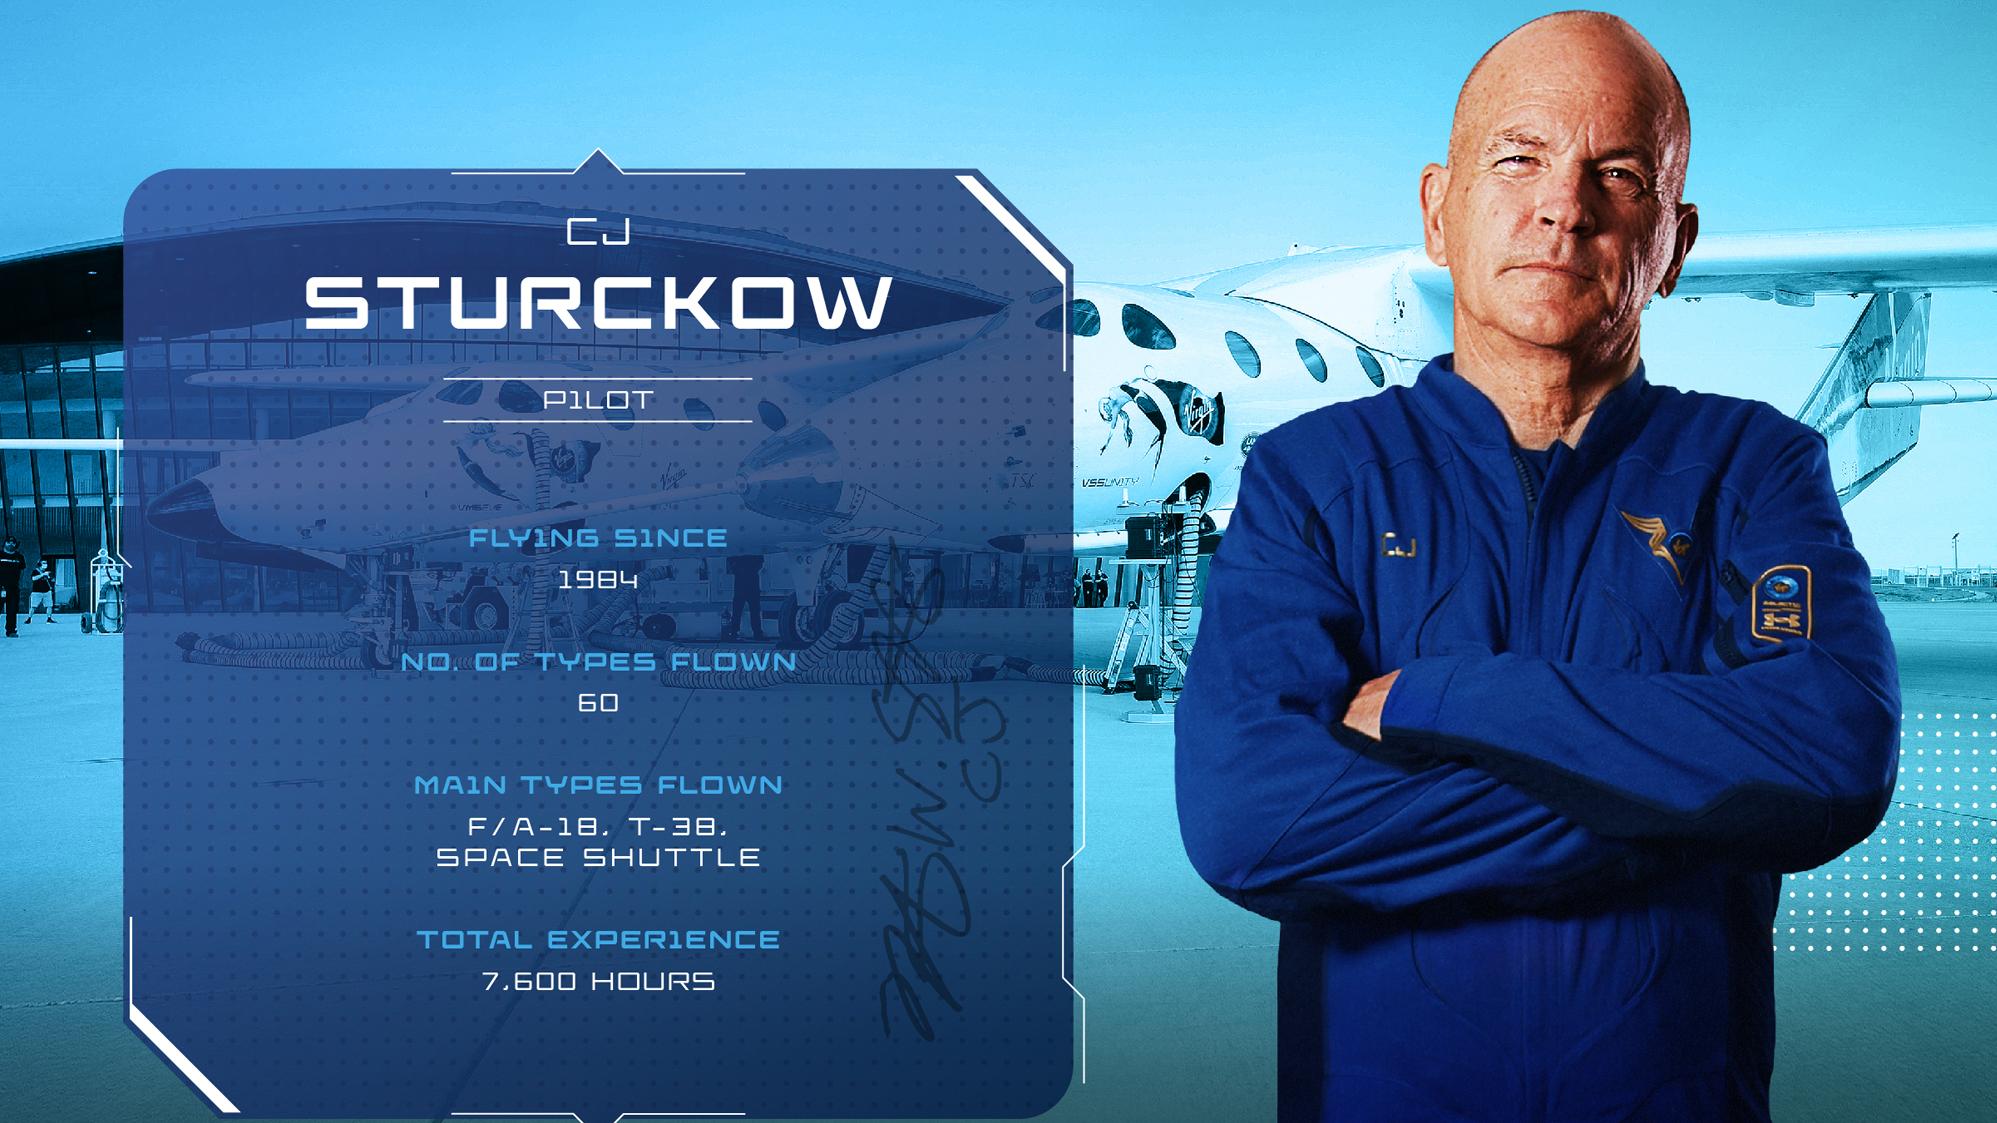 Le pilote de Virgin Galactic SpaceShipTwo Unity CJ Sturckow, ancien astronaute de la NASA et commandant de la navette spatiale.